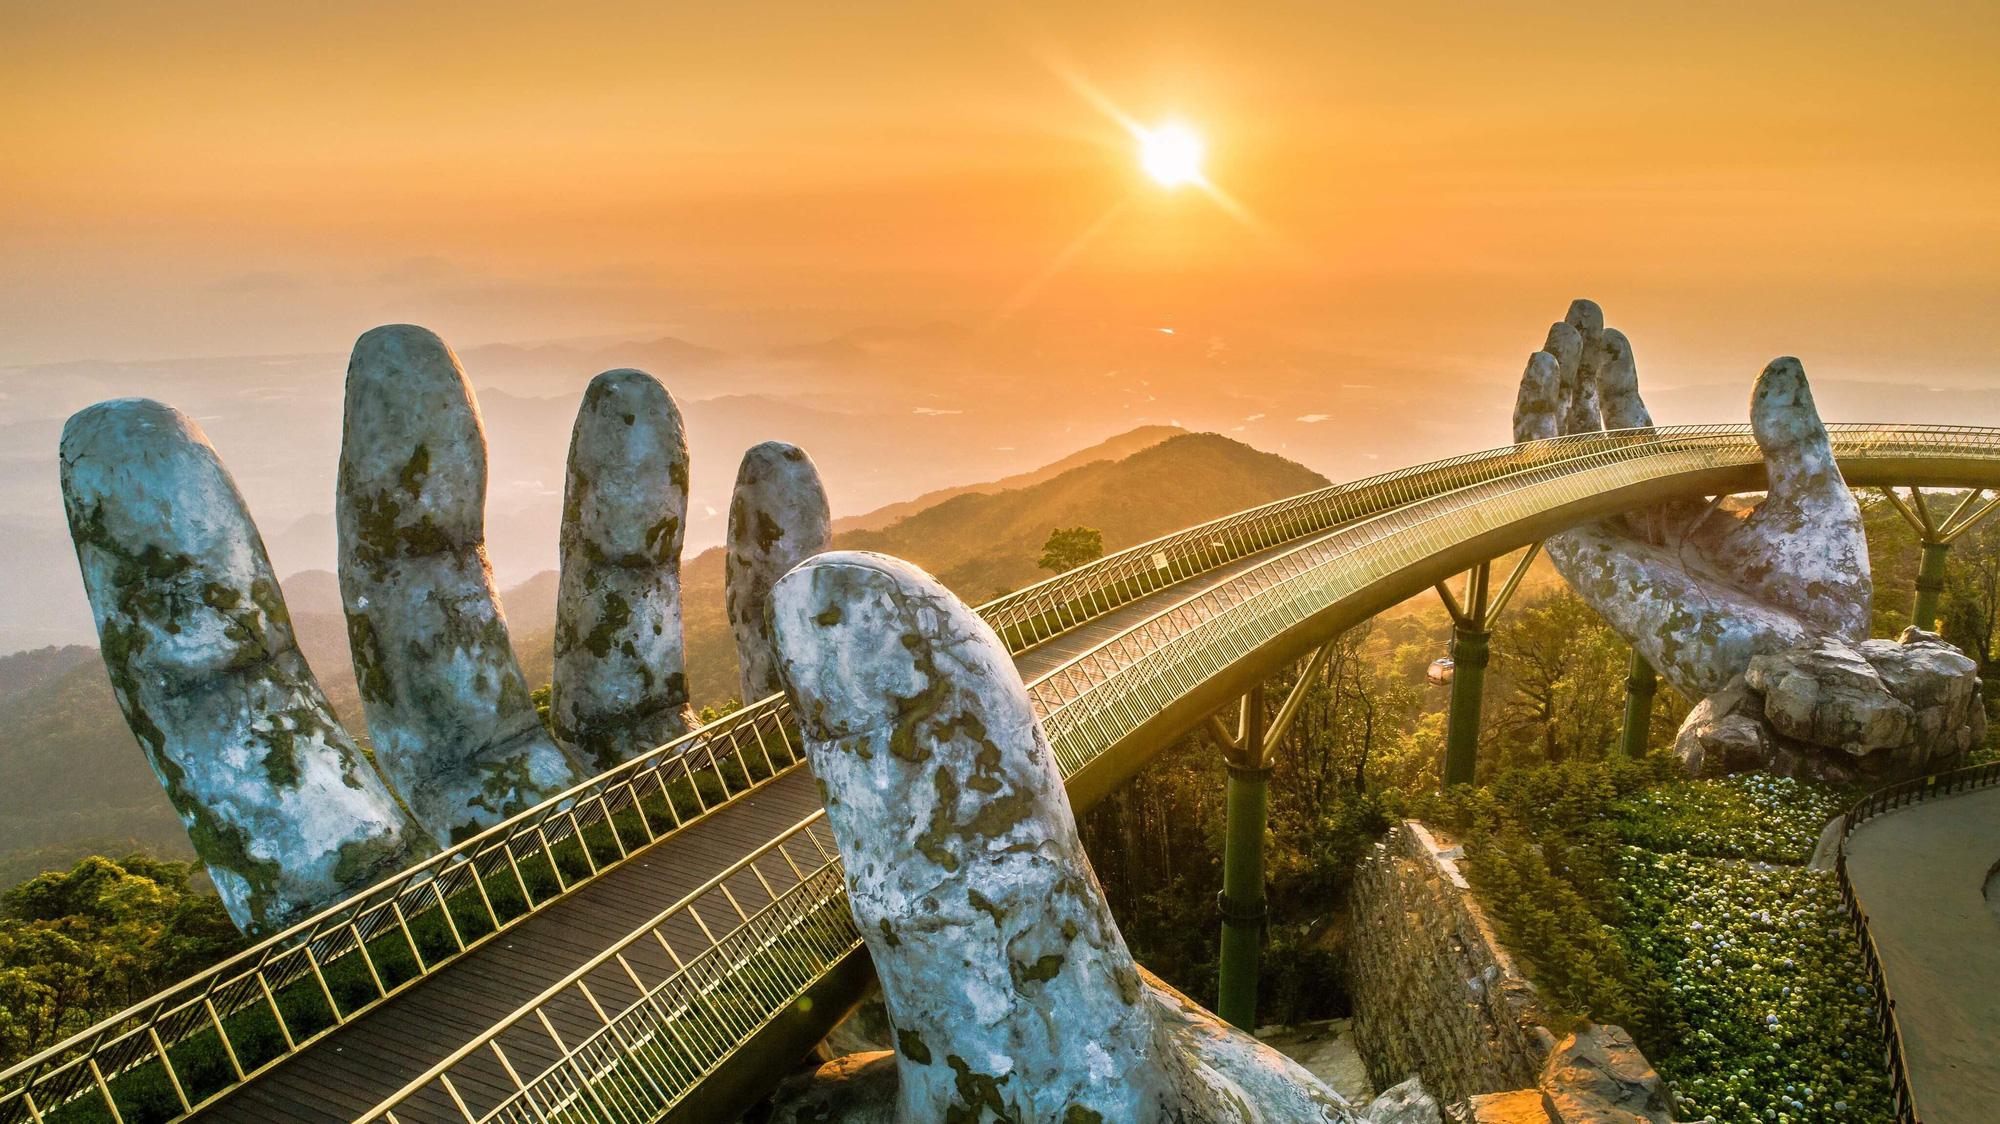 Nằm mơ thấy cây cầu là điềm báo may hay rủi? Chọn đề số nào phát tài?